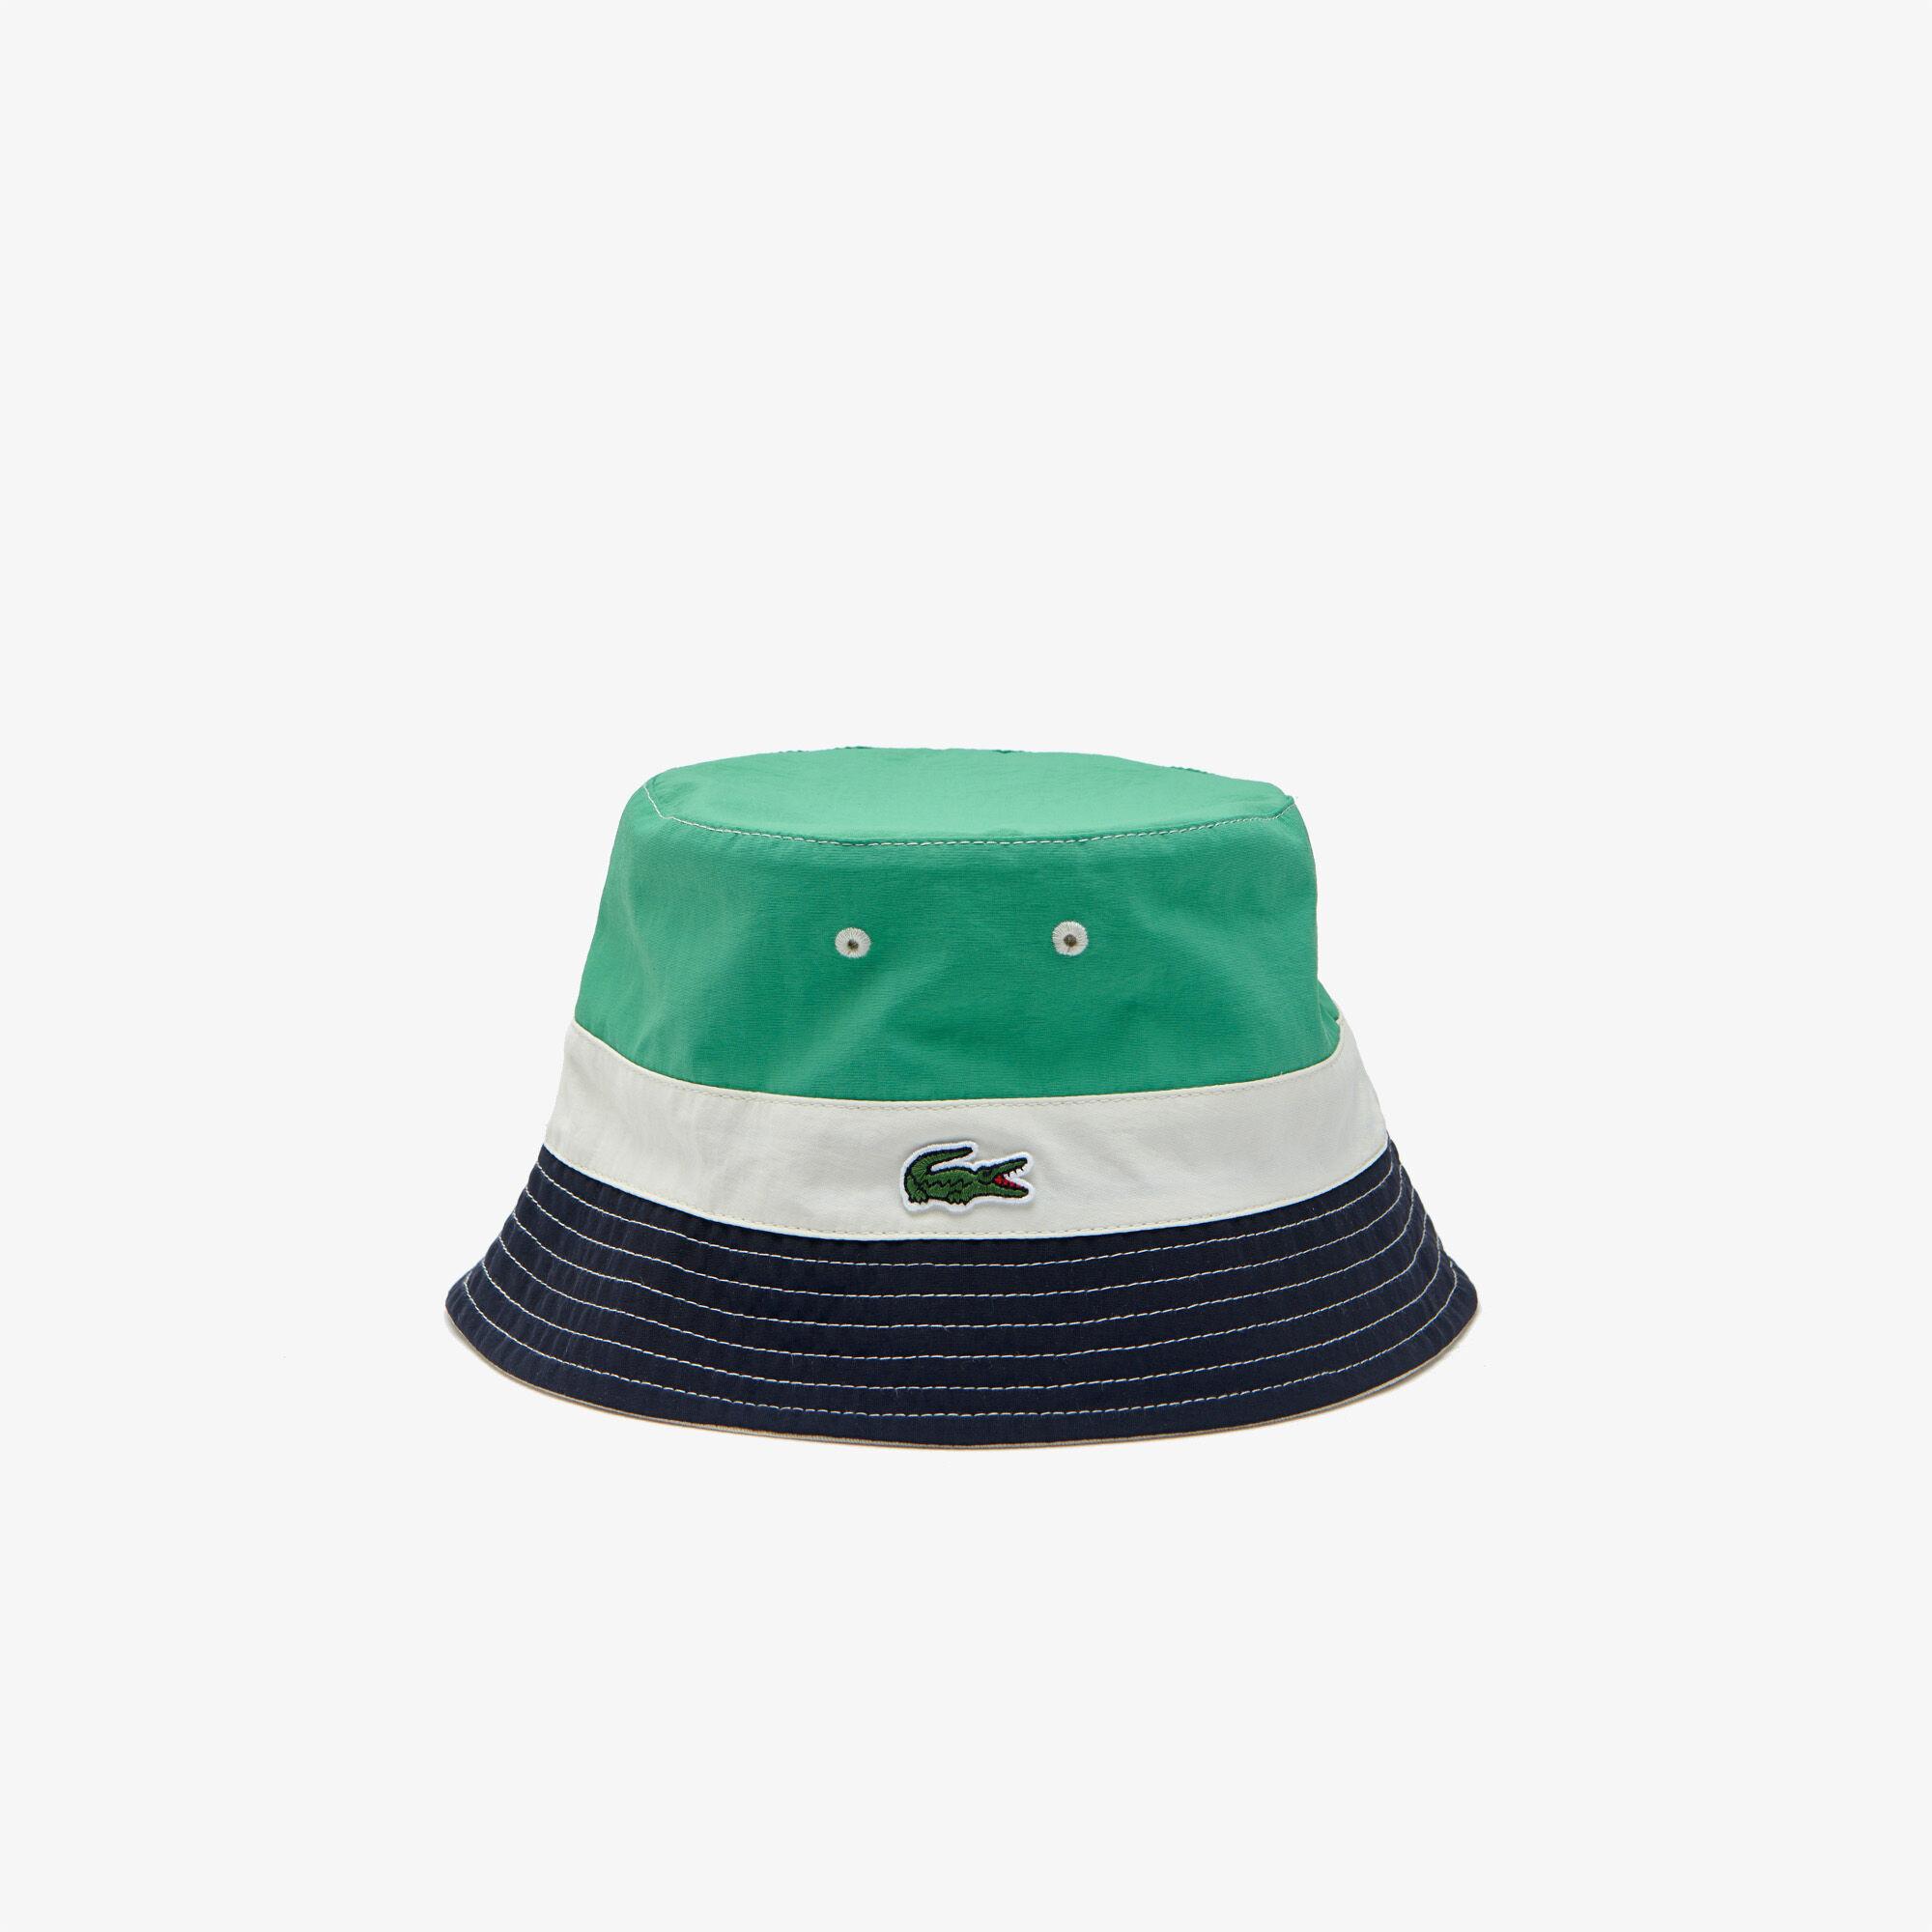 قبعة صيد خفيفة بكتل لونية للرجال يمكن لبسها على الوجهين